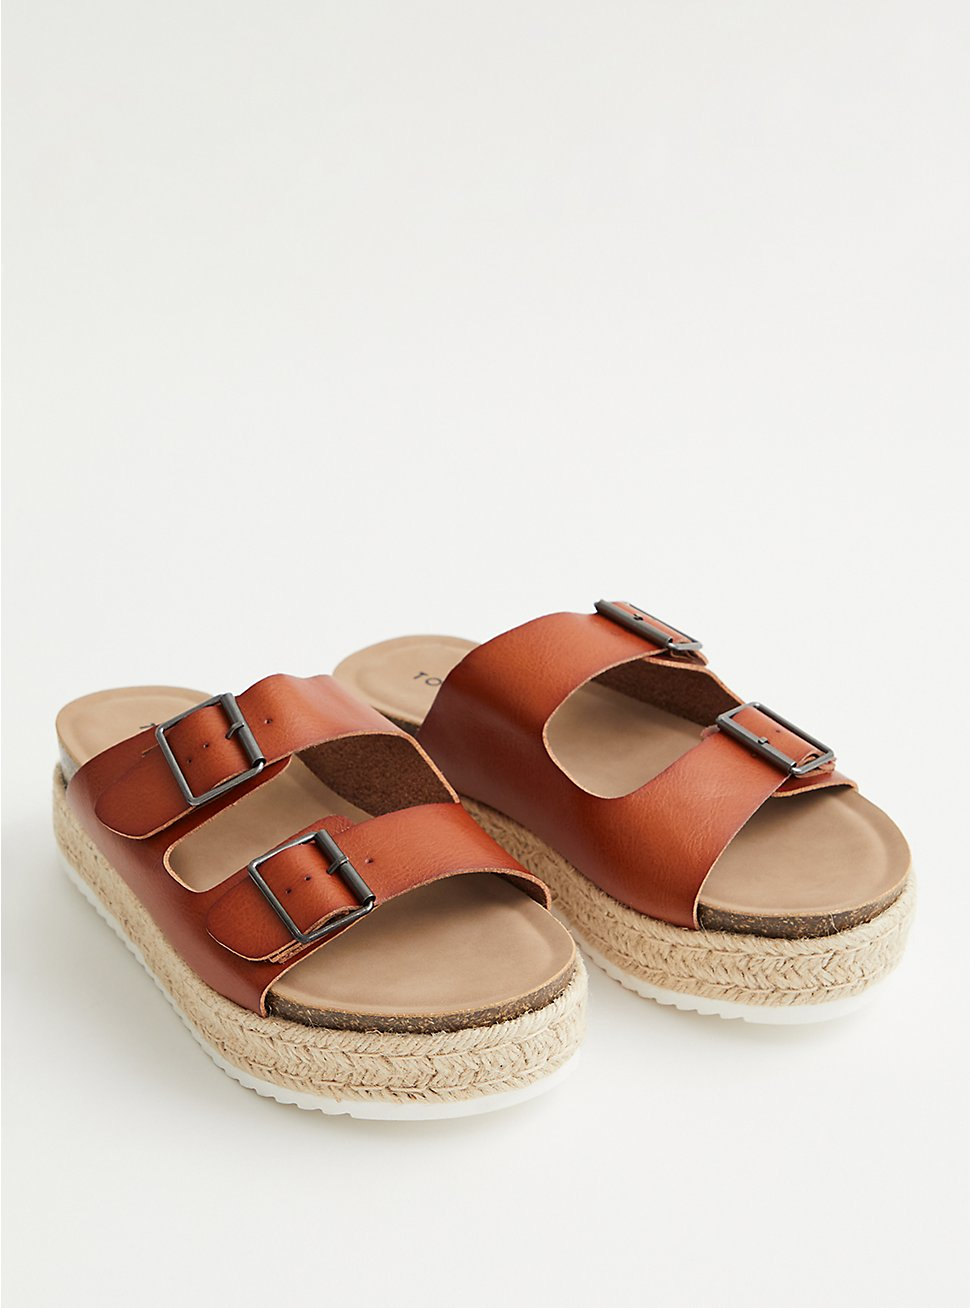 Cognac Faux Leather Flatform Sandal, COGNAC, hi-res